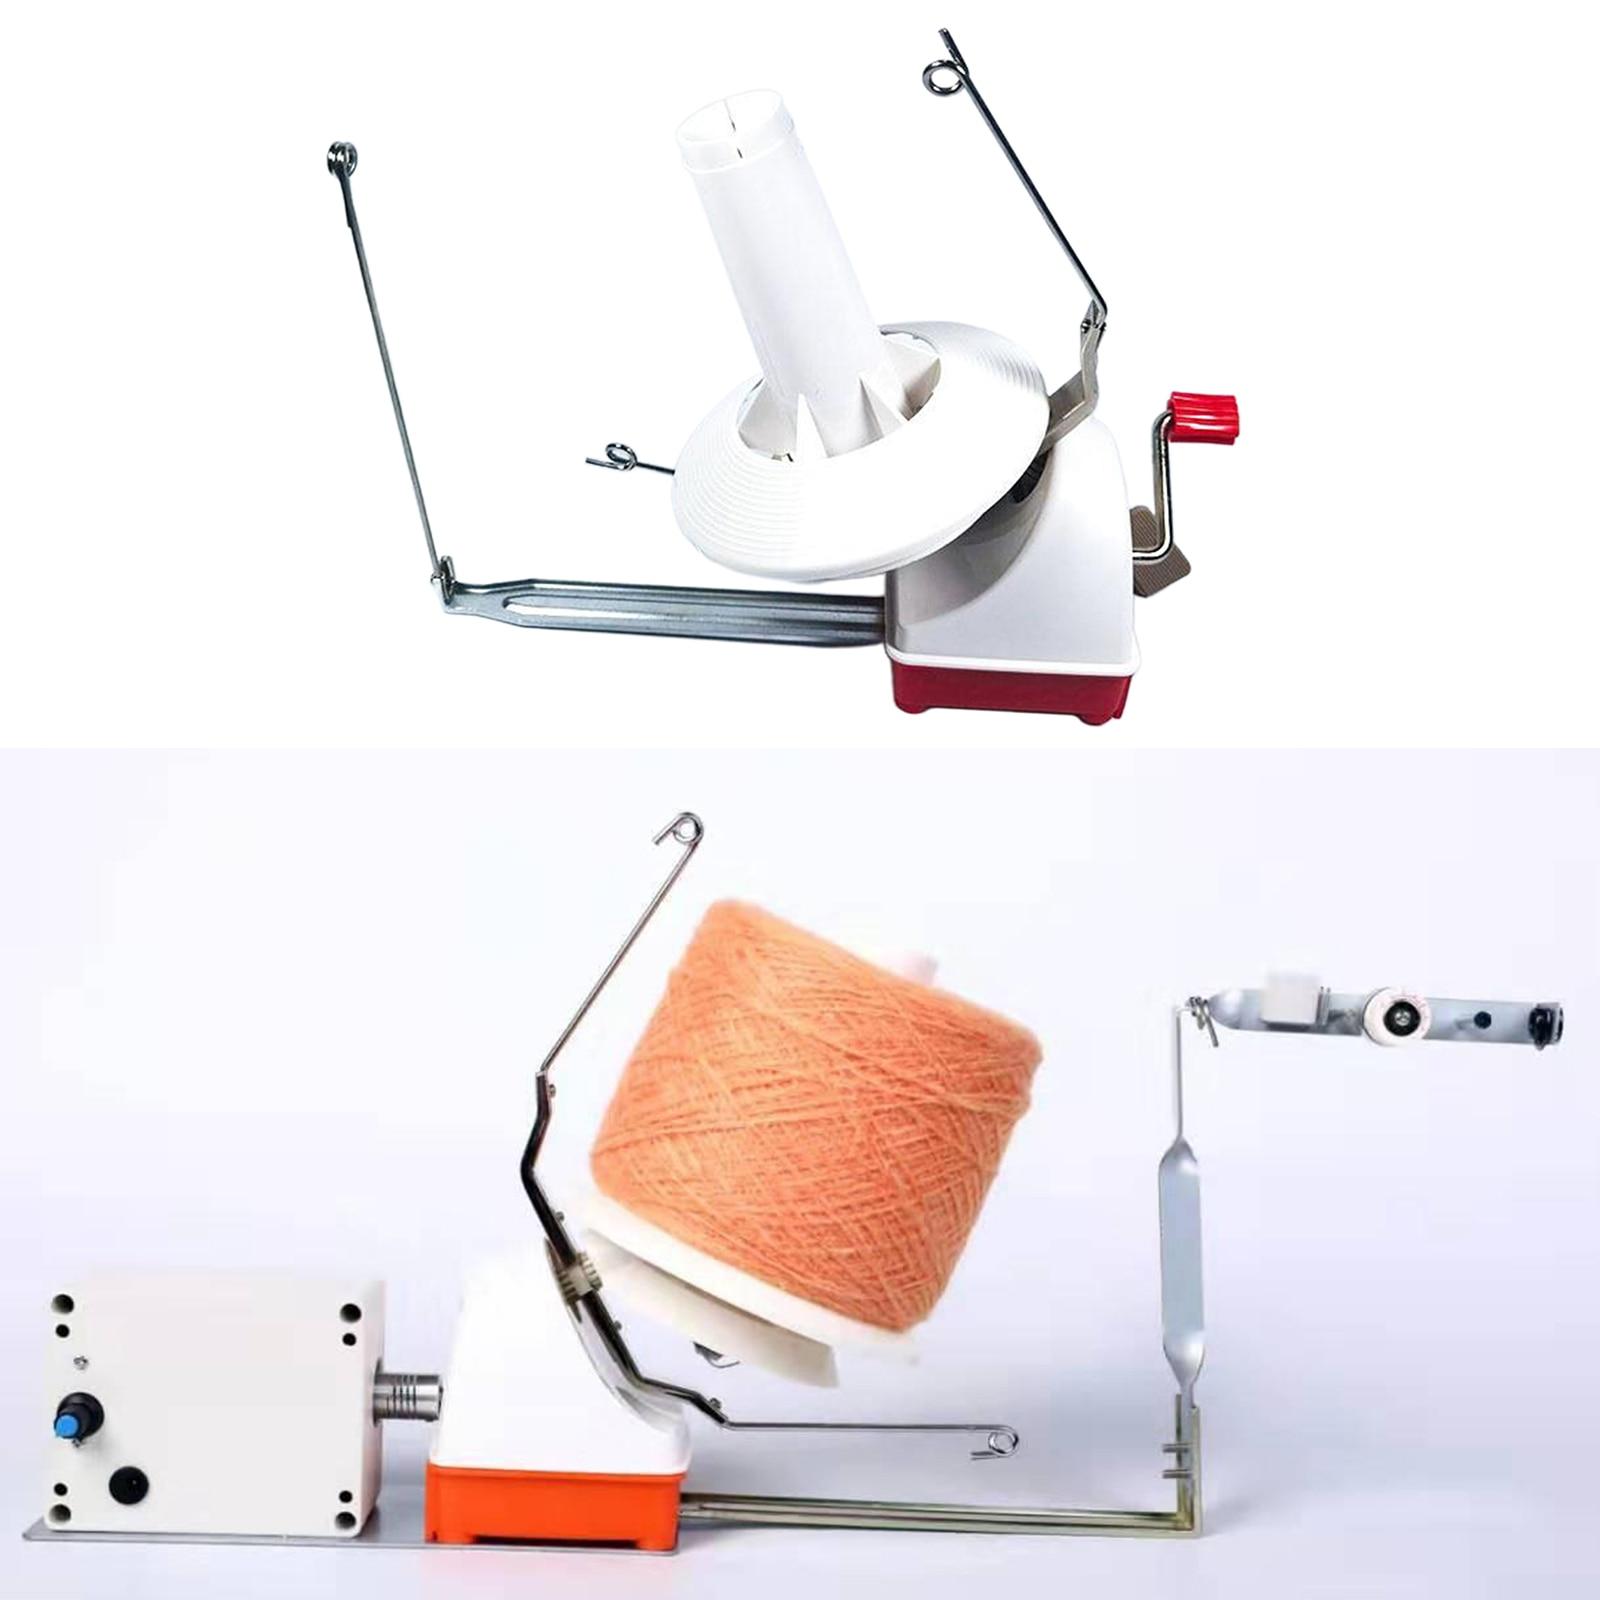 Купить шерстяная намоточная пряжа/волокно/намотка шаров для швейной